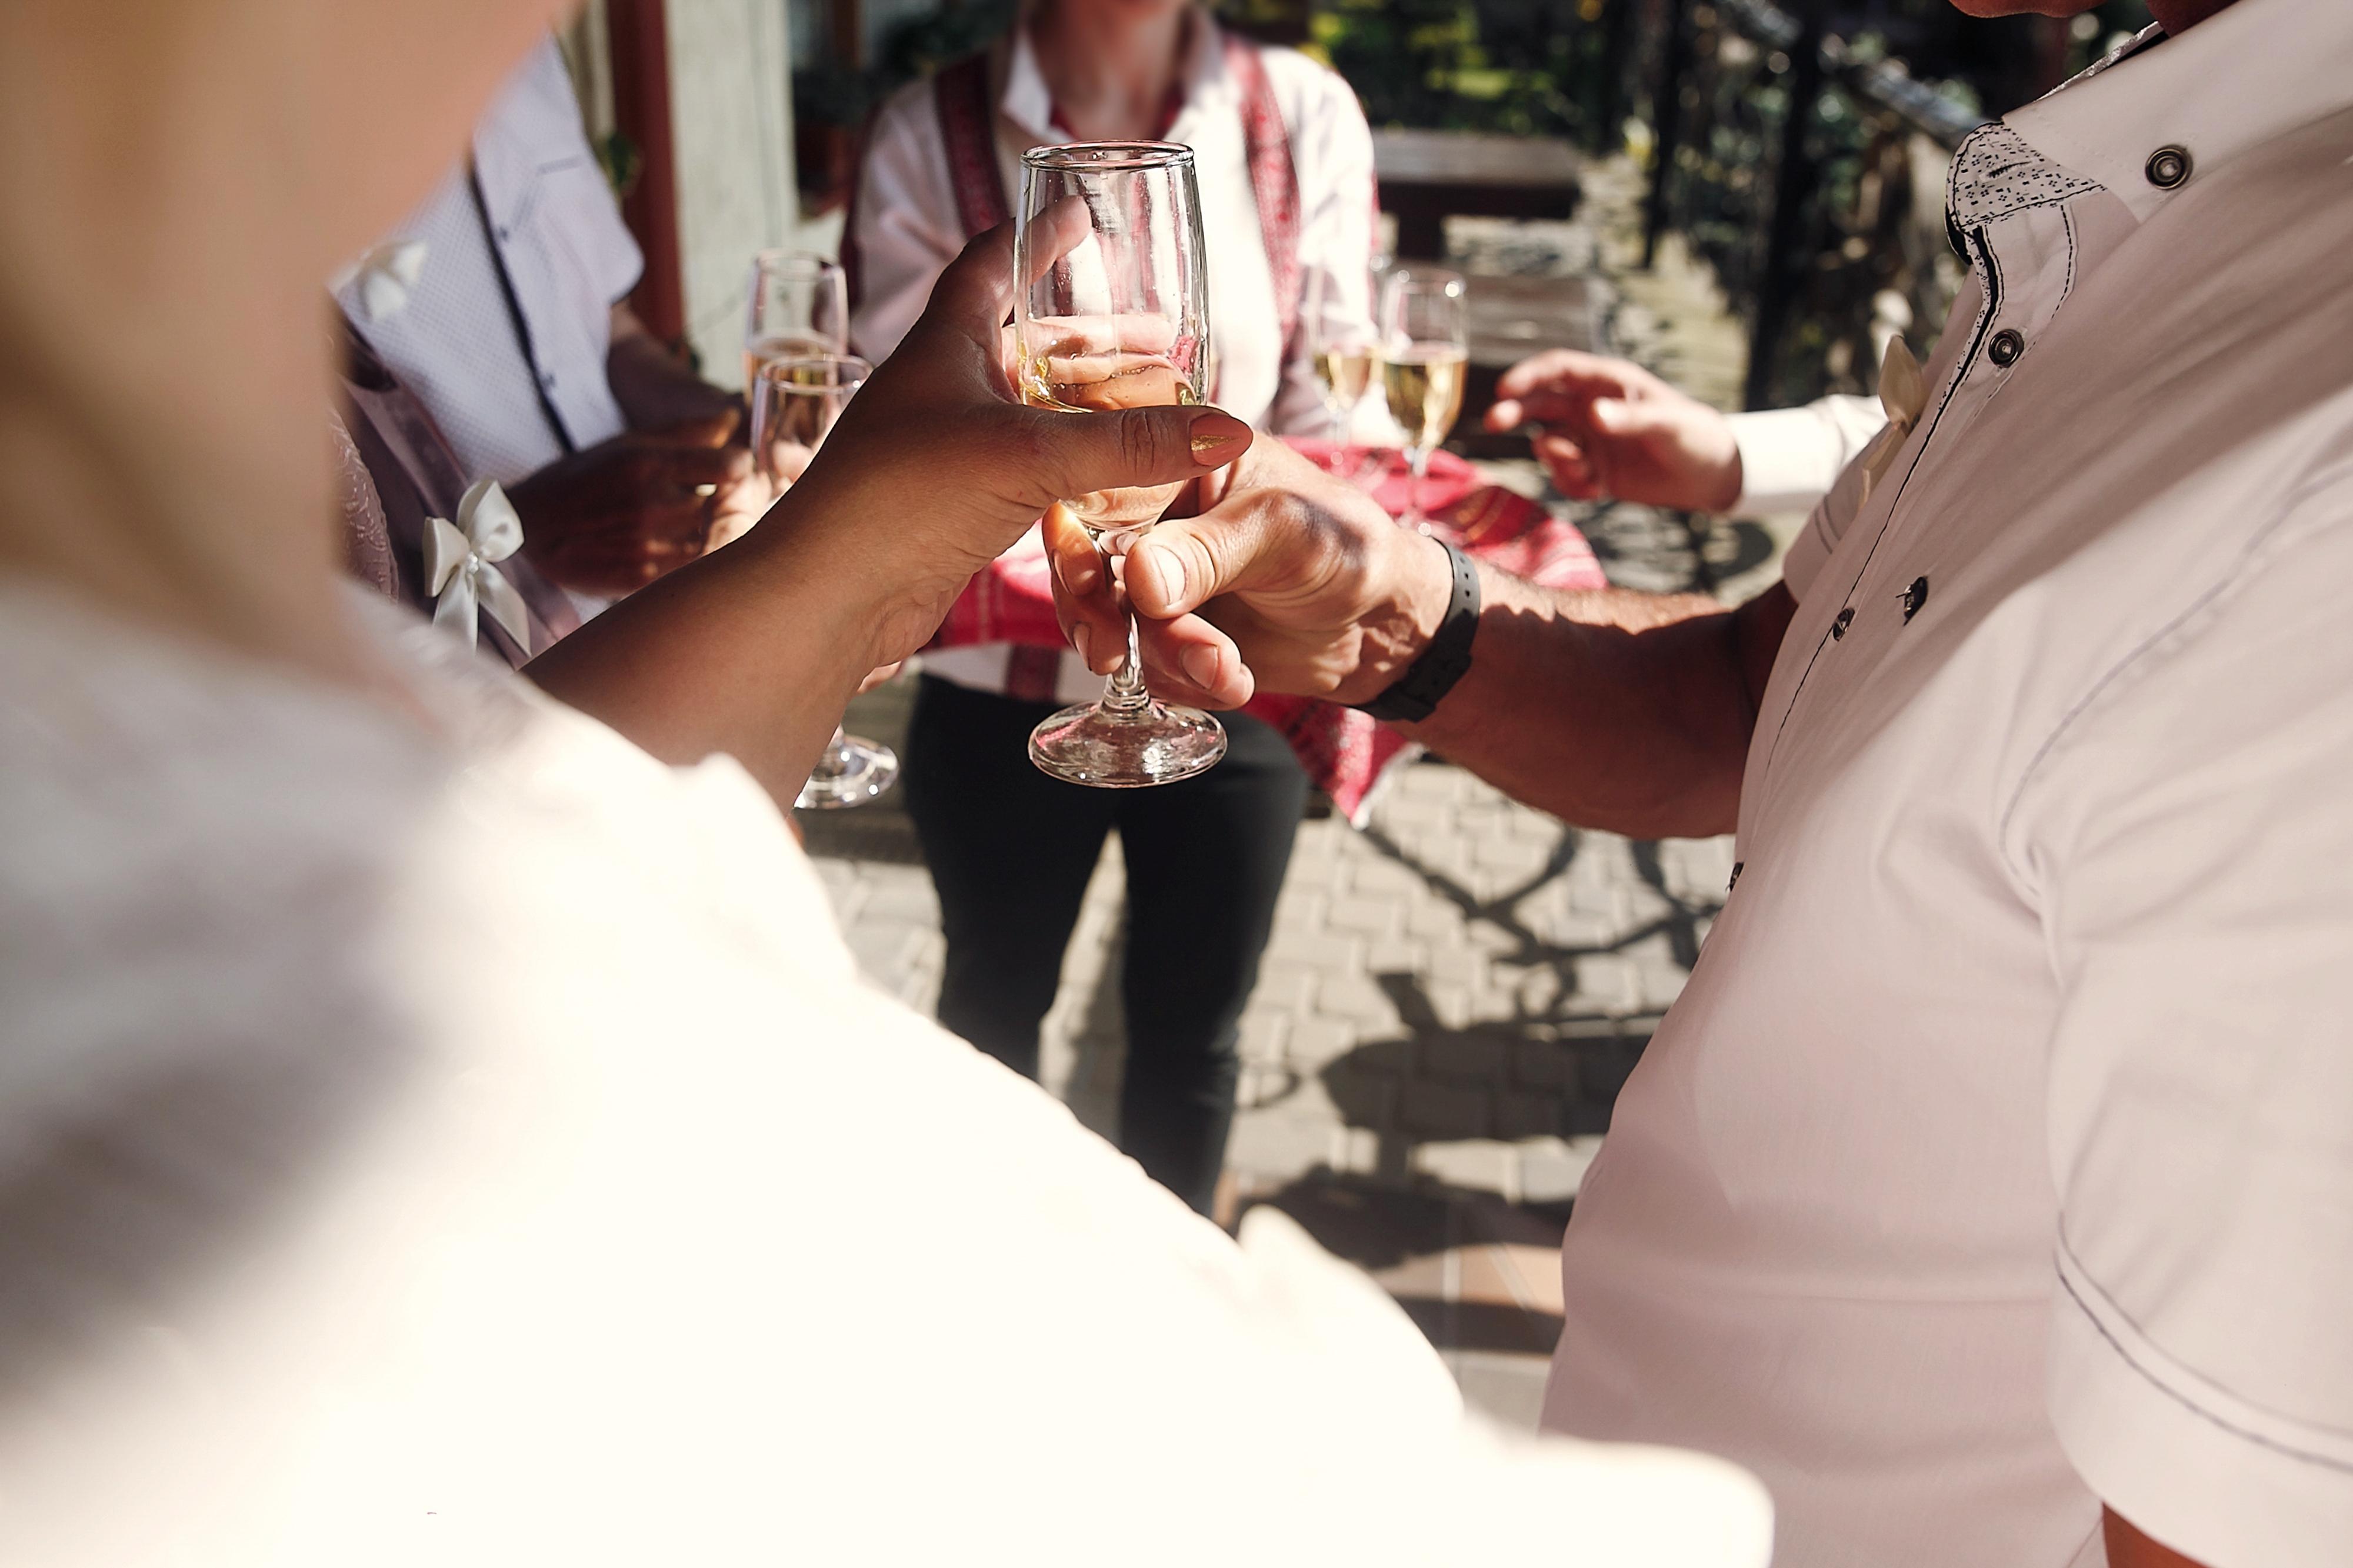 Även om sommaren och solen ger många tillfällen att dricka, och är en tid för njutning, är det ändå viktigt att man håller koll.